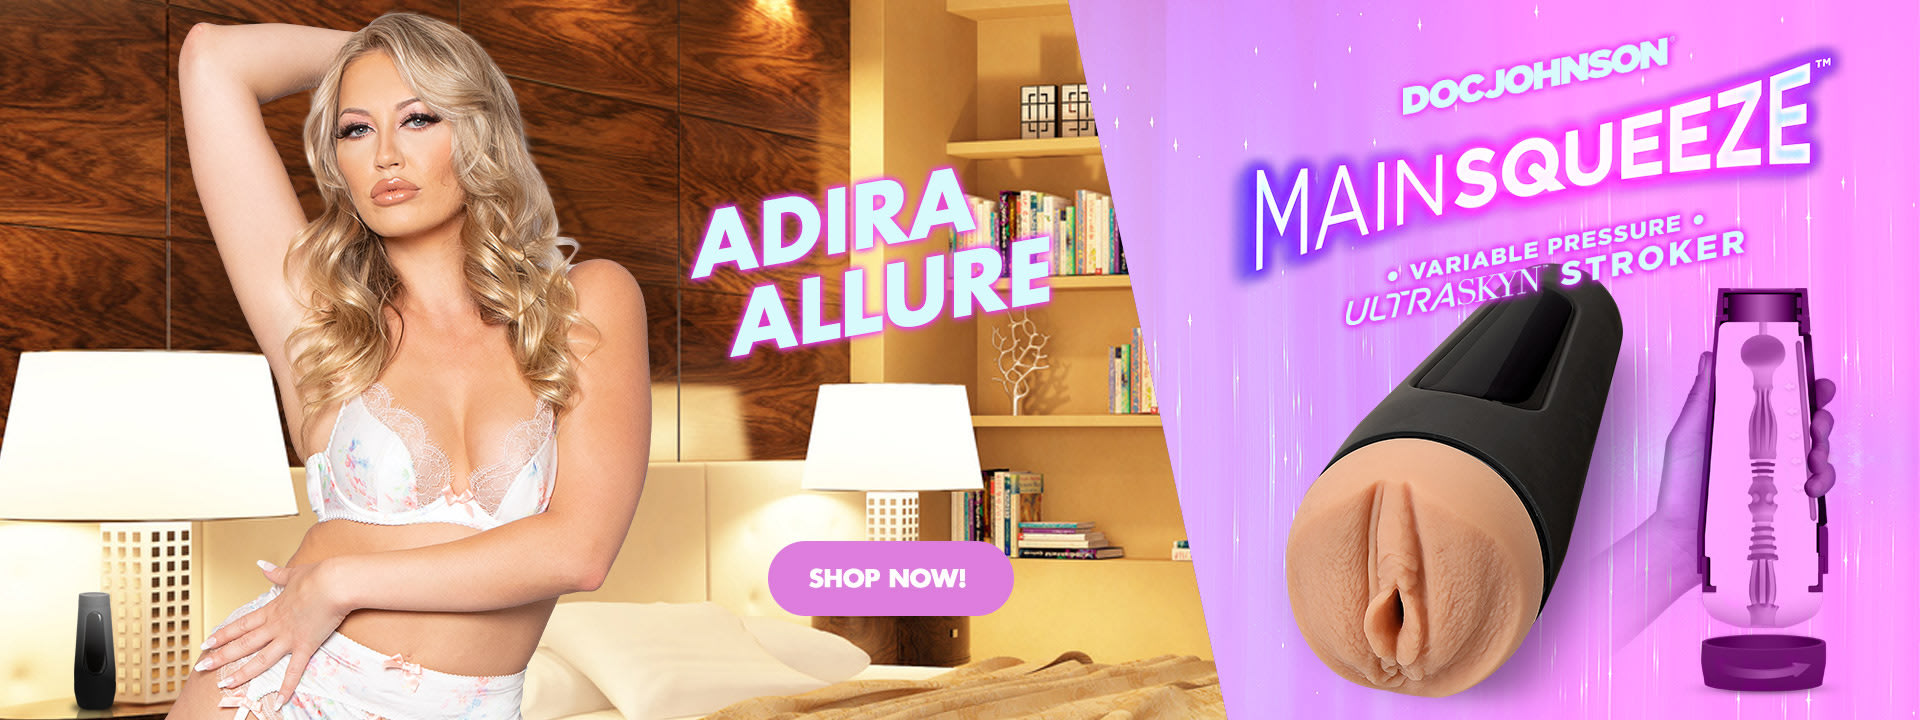 Adira Allure Stroker